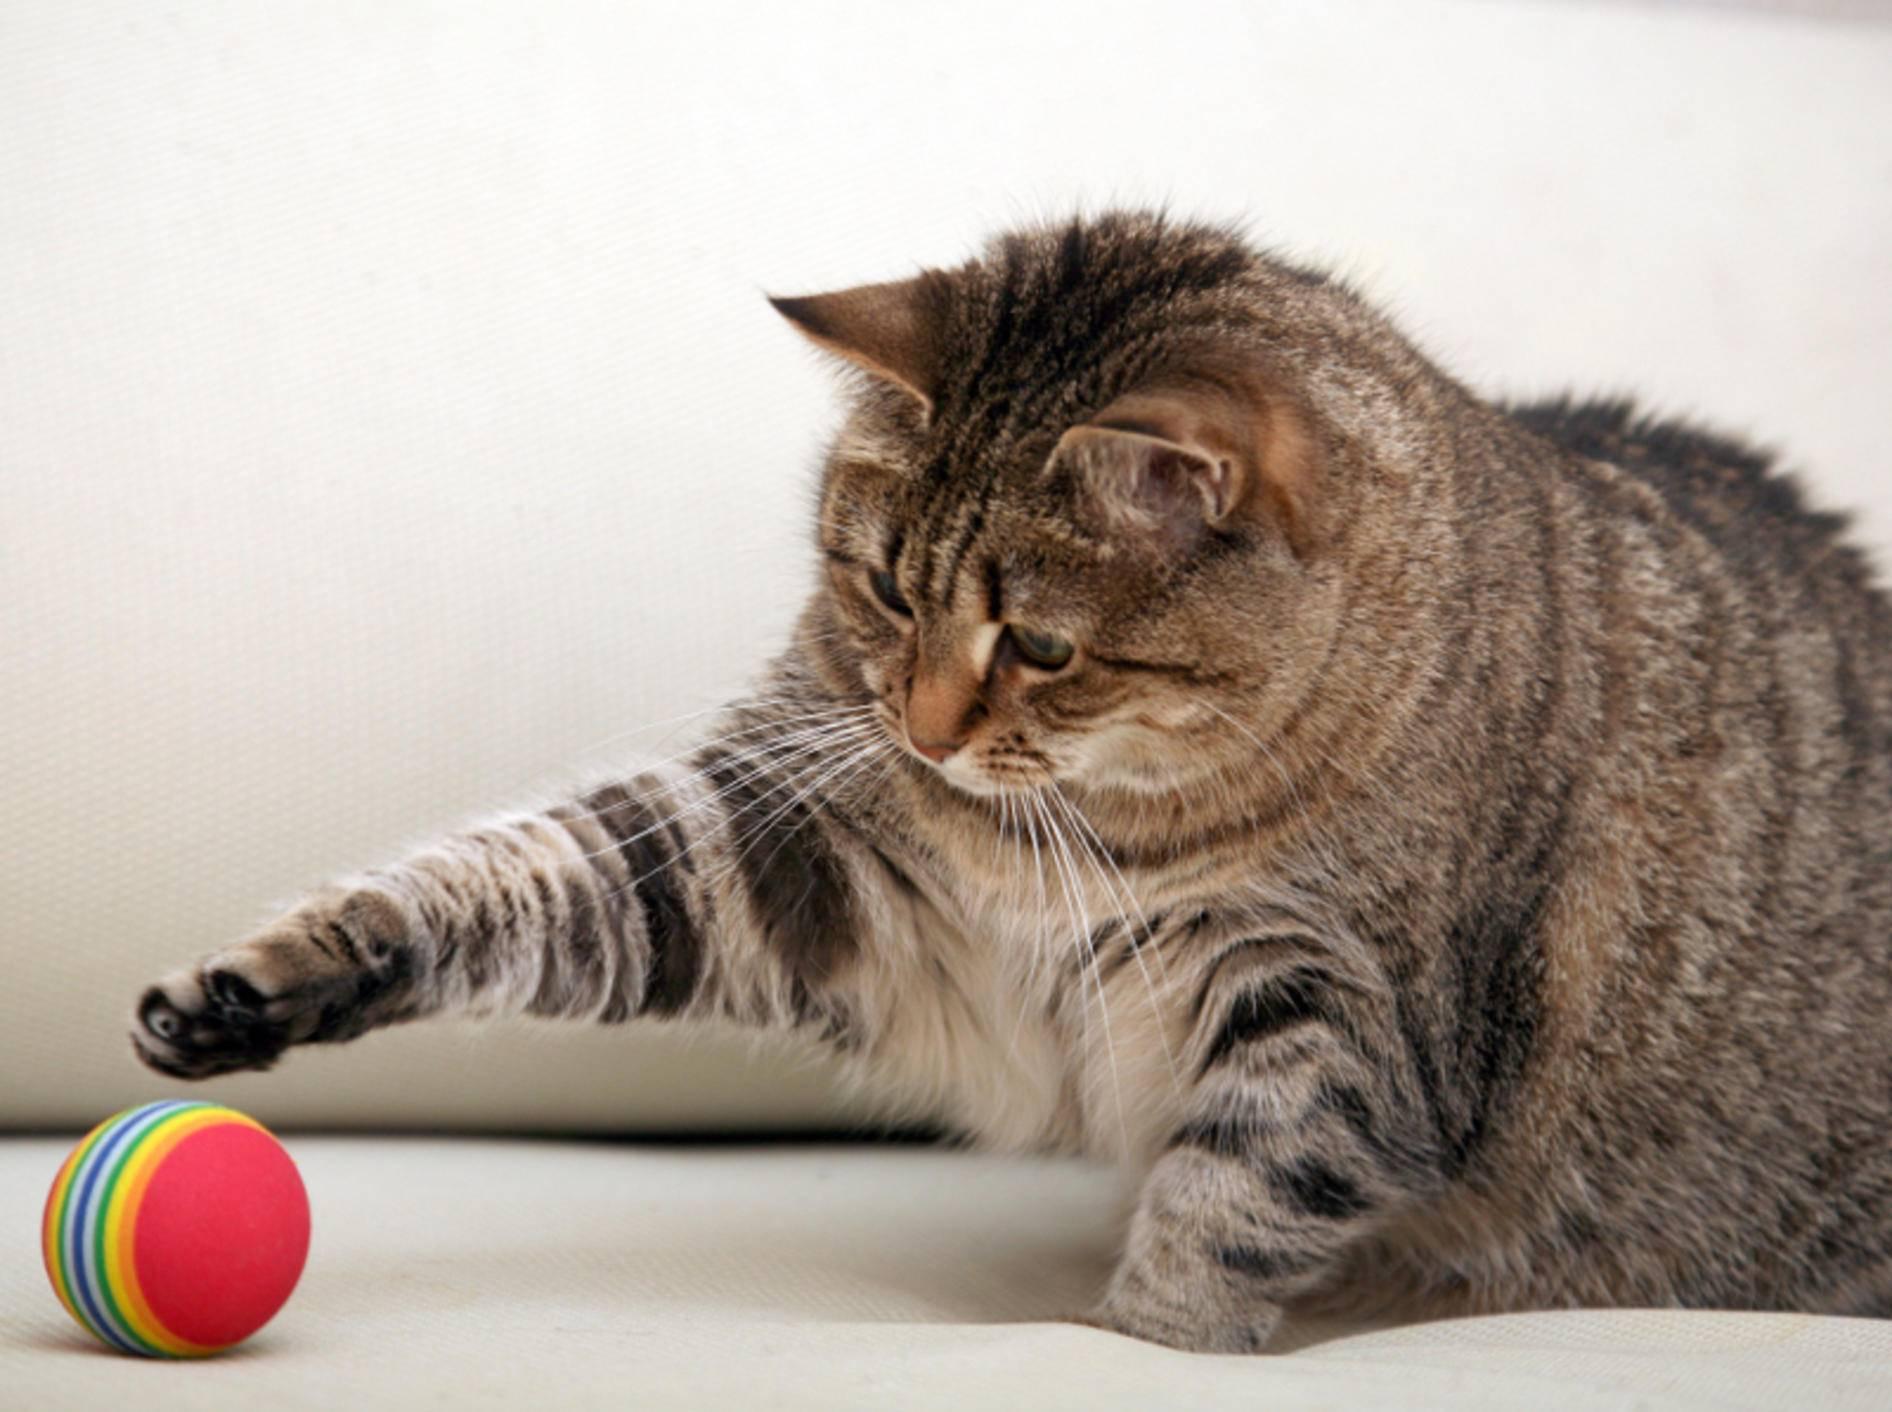 Katzenspielzeug sollte sicher sein, damit risikofreier Spaß garantiert ist – Shutterstock / Onishchenko Natalya